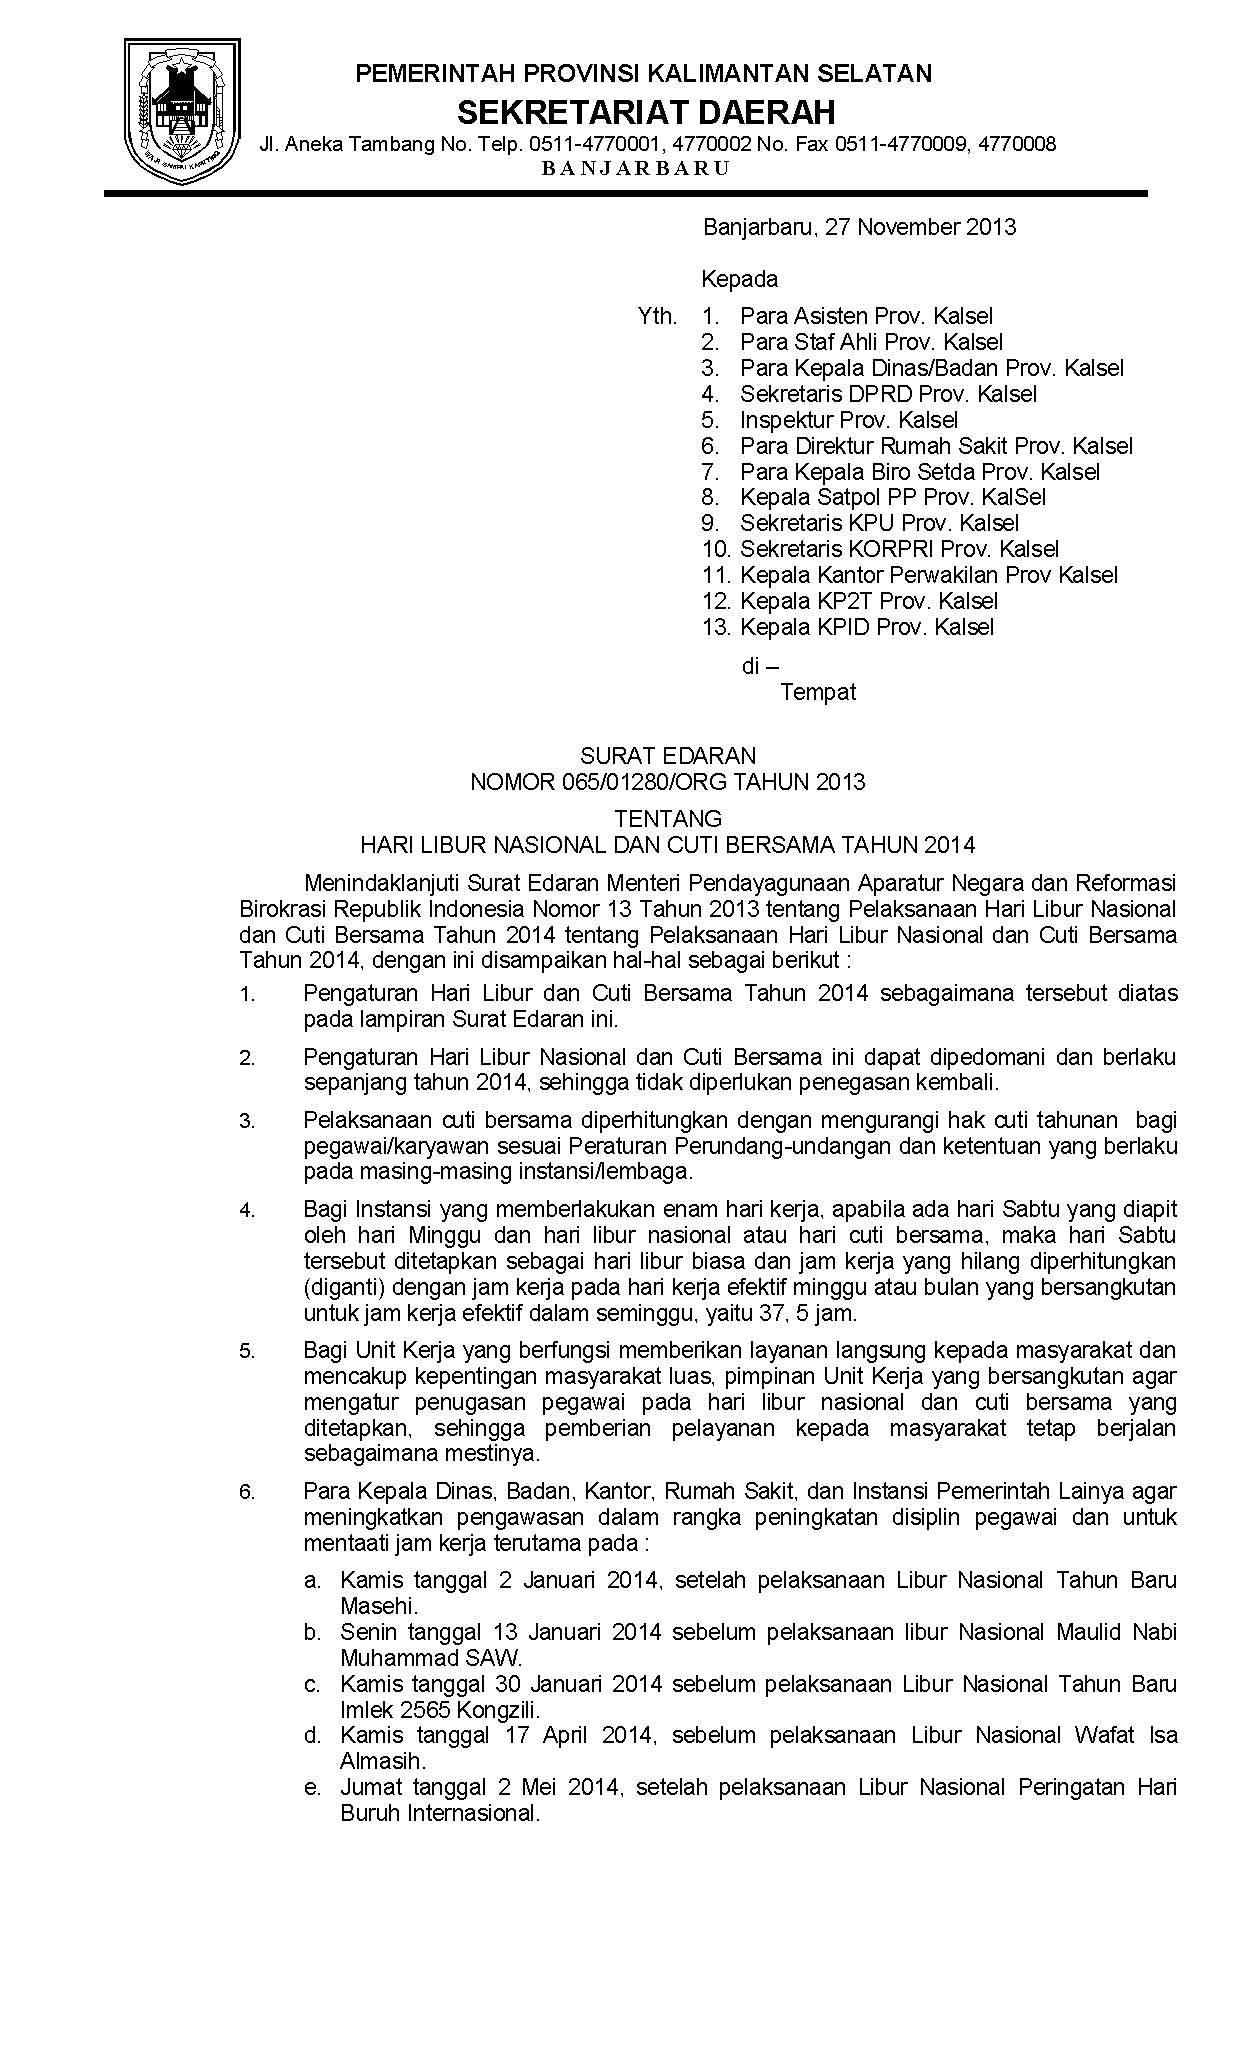 Pendaftaran Cpns Honorer Di Semarang Pendaftaran Cpns 2014 Dimulai Juli Pusatinfocpns 1250 X 2057 Jpeg 277kb Org Tahun 2013 Tentang Hari Libur Nasional Dan